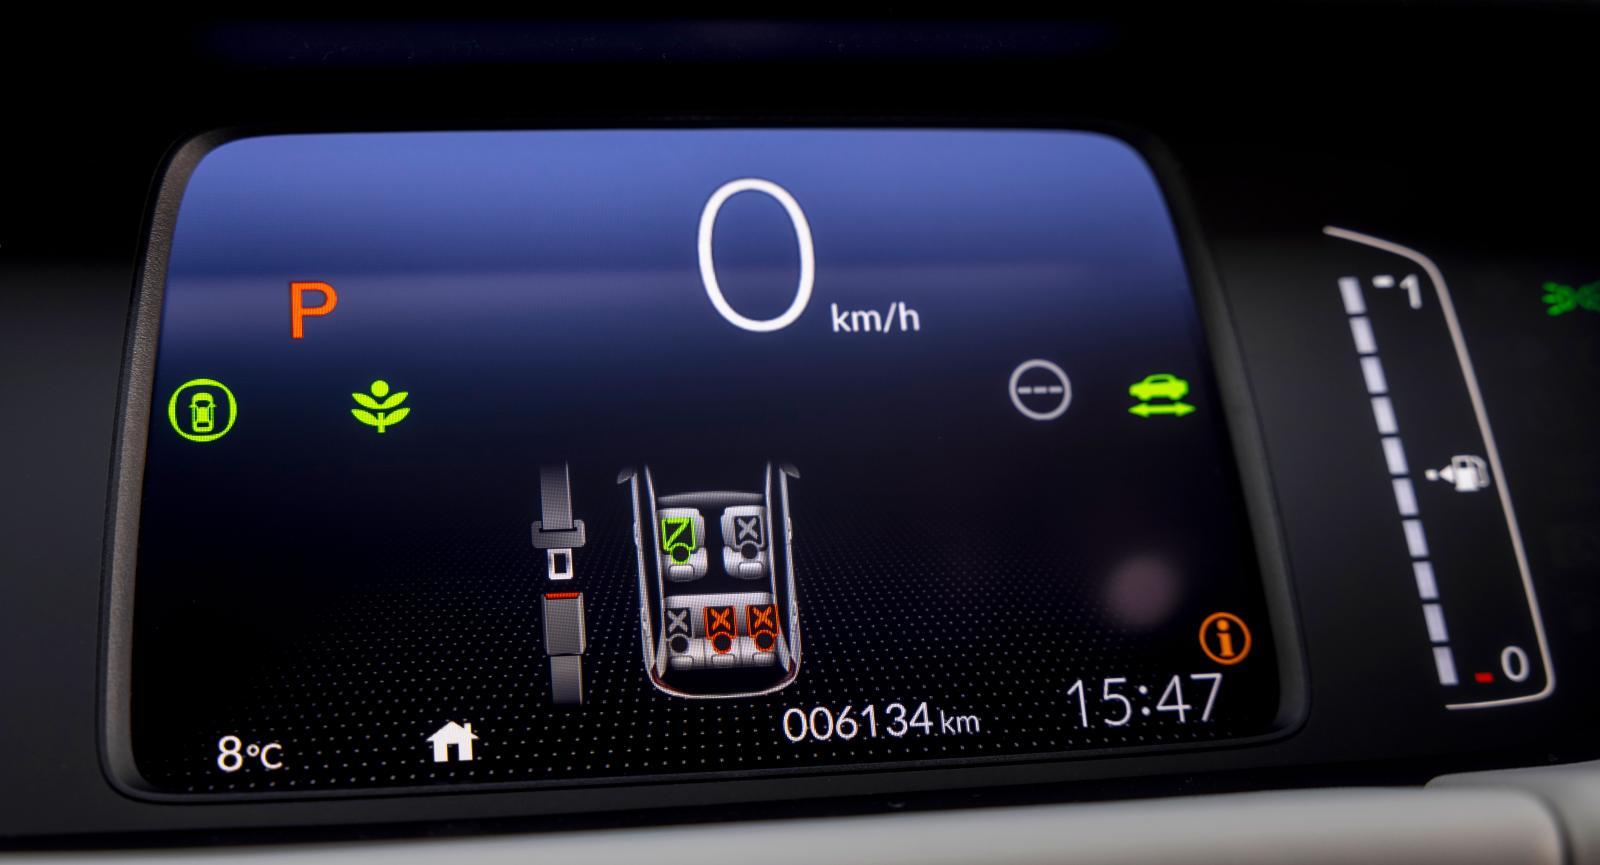 Tydlig hastighetsmätare! Stapeln längst till vänster visar högspänningsbatteriets laddning.